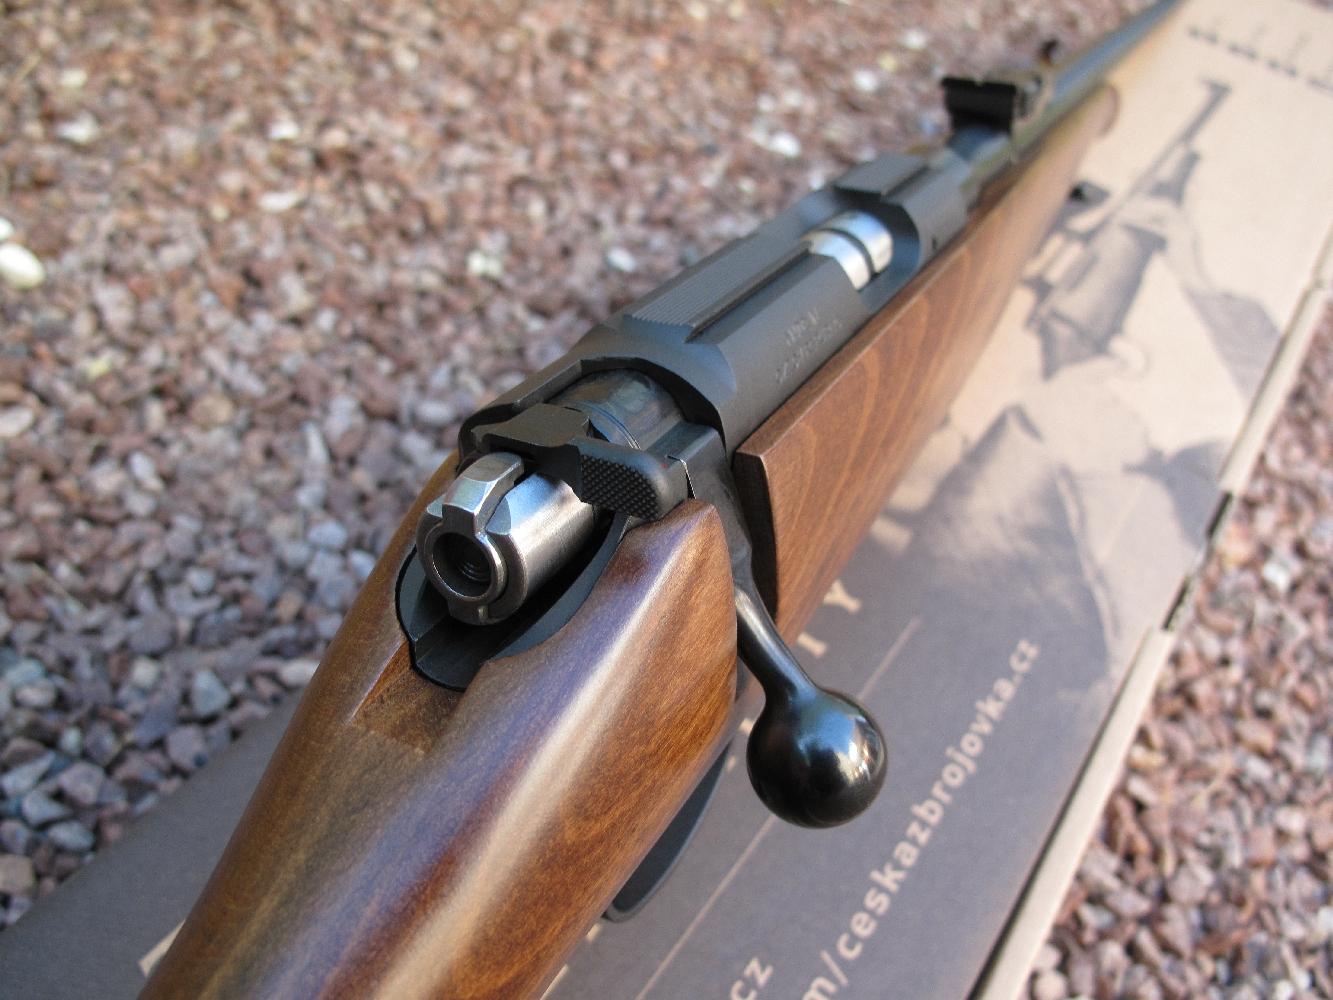 Légère et maniable, dotée d'éléments de visée mécaniques d'excellente qualité, la carabine CZ 452 présente une élégante silhouette de carabine de chasse et bénéficie d'un prix de vente modéré.